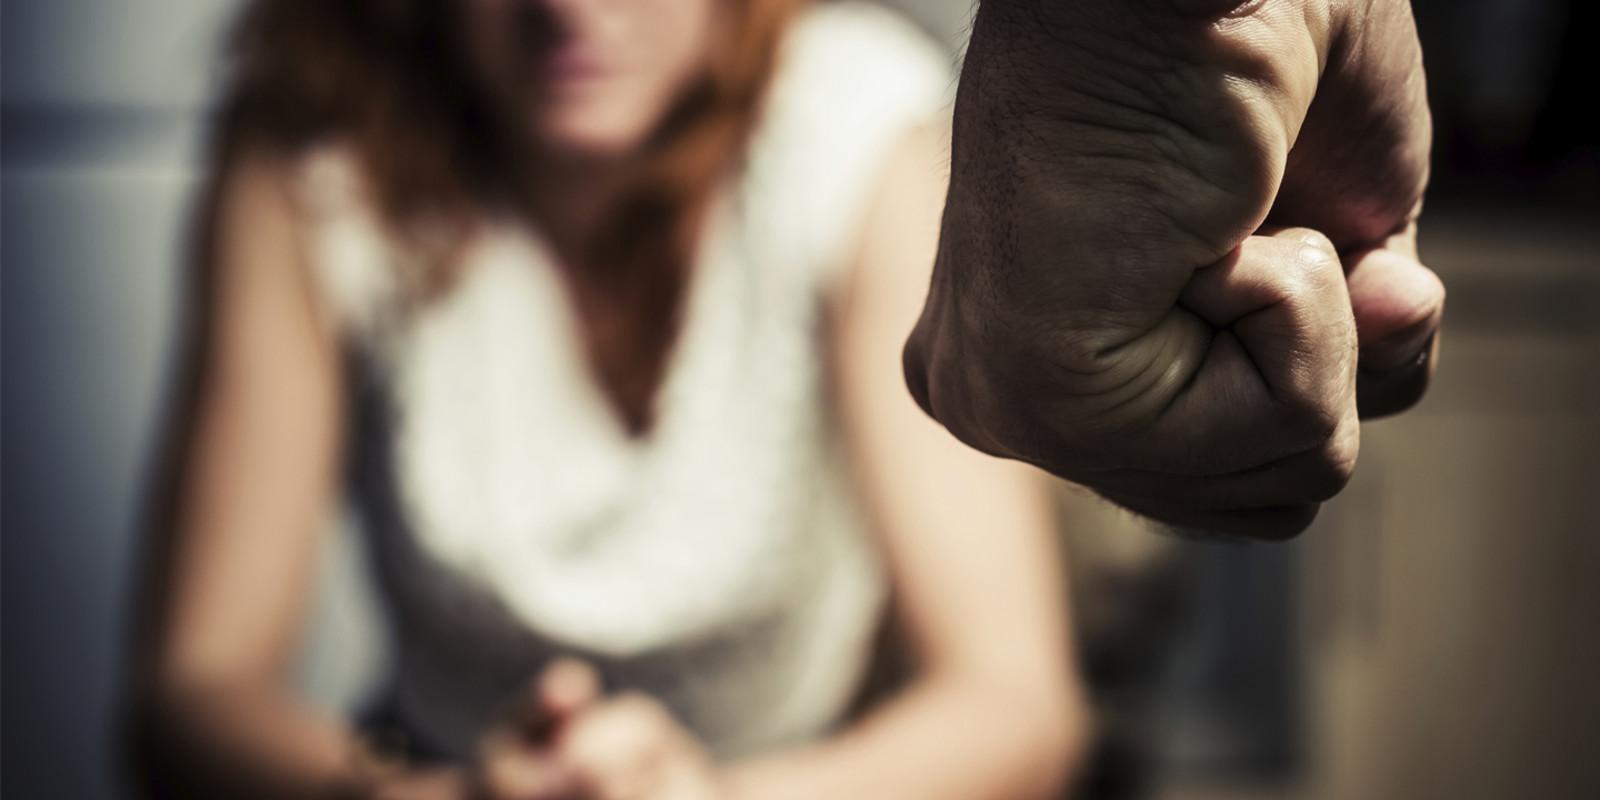 Violência contra mulher supera em três vezes agressões contra homens